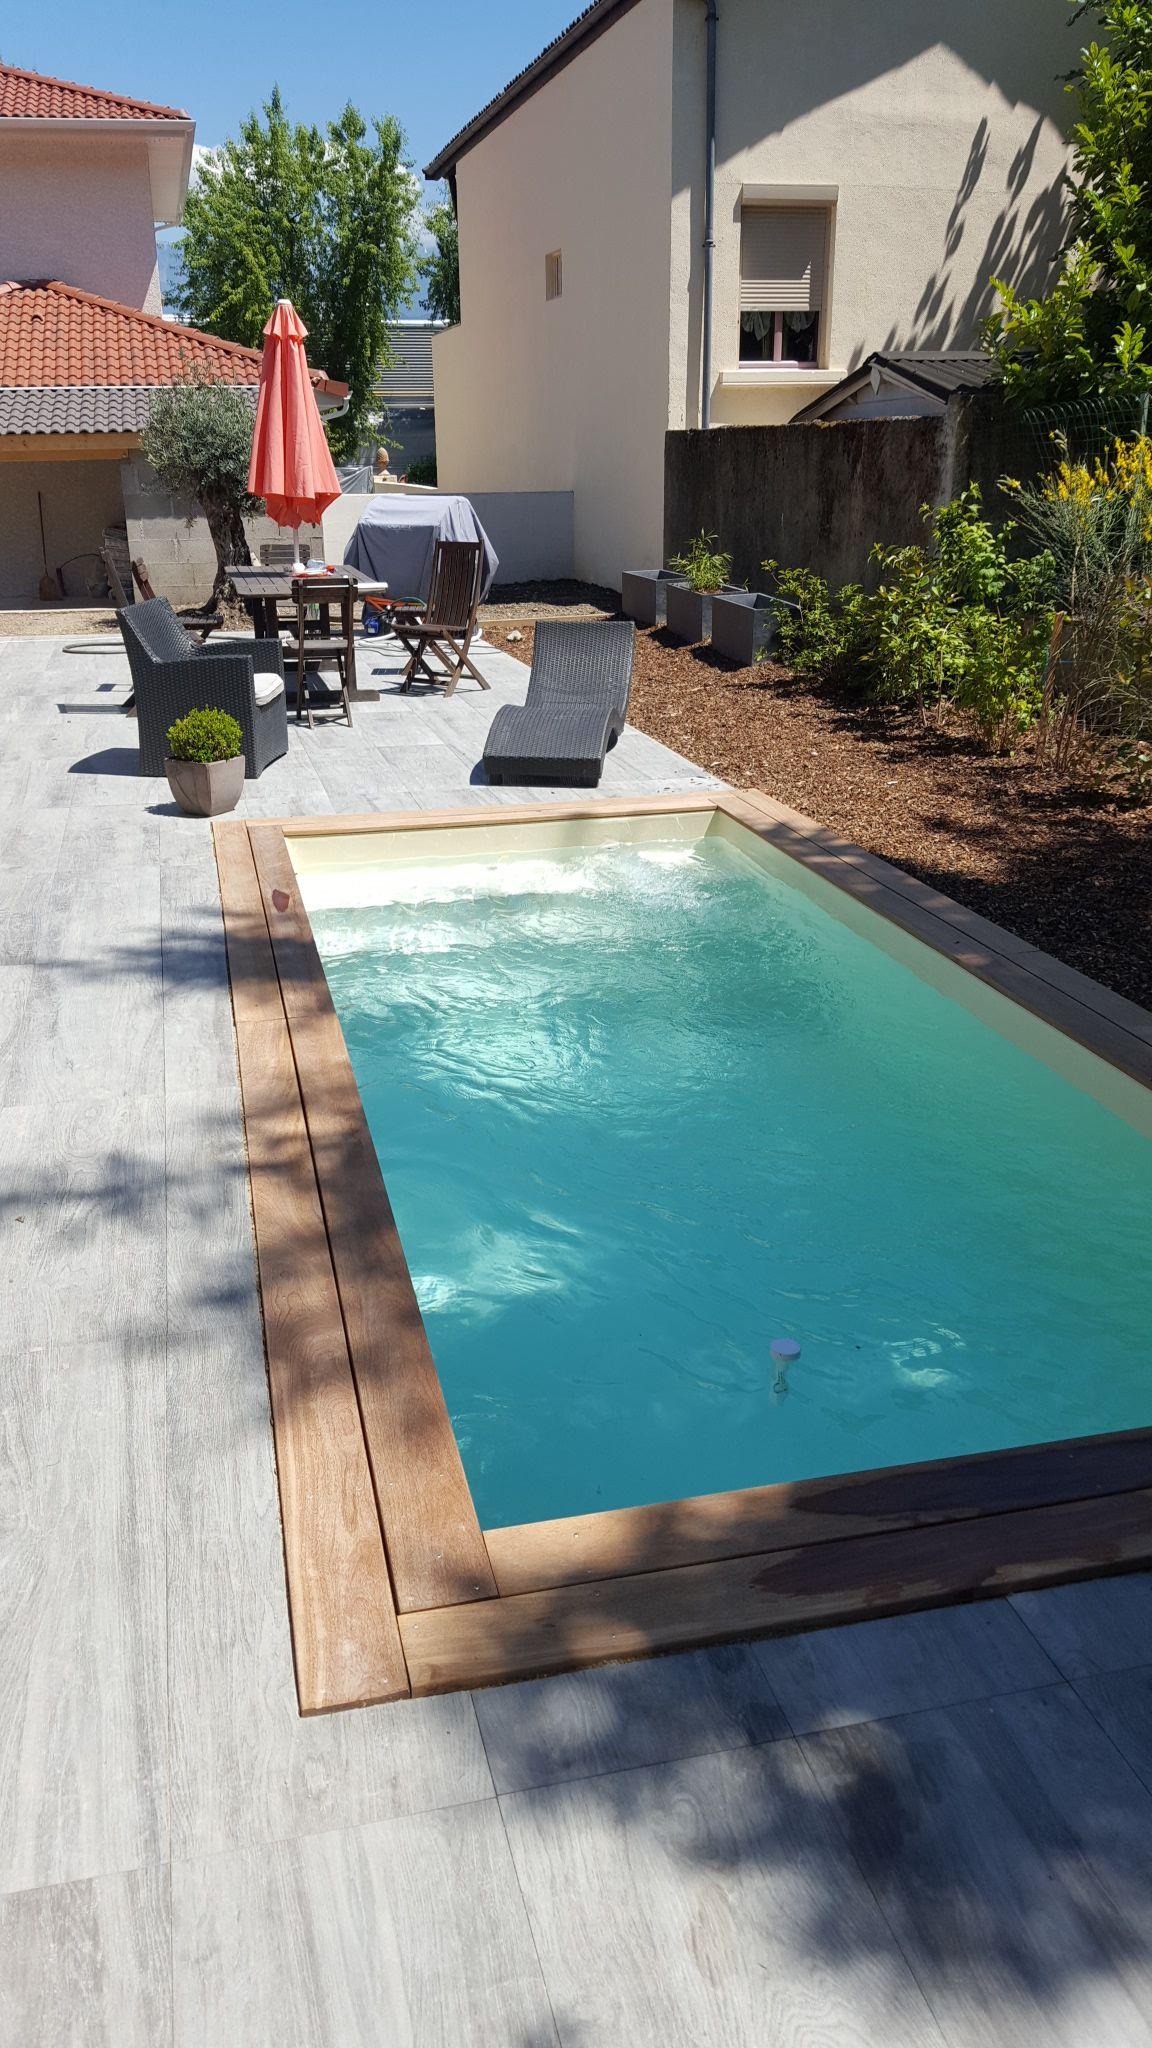 Mini piscine avec margelle en bois exotique et terrasse